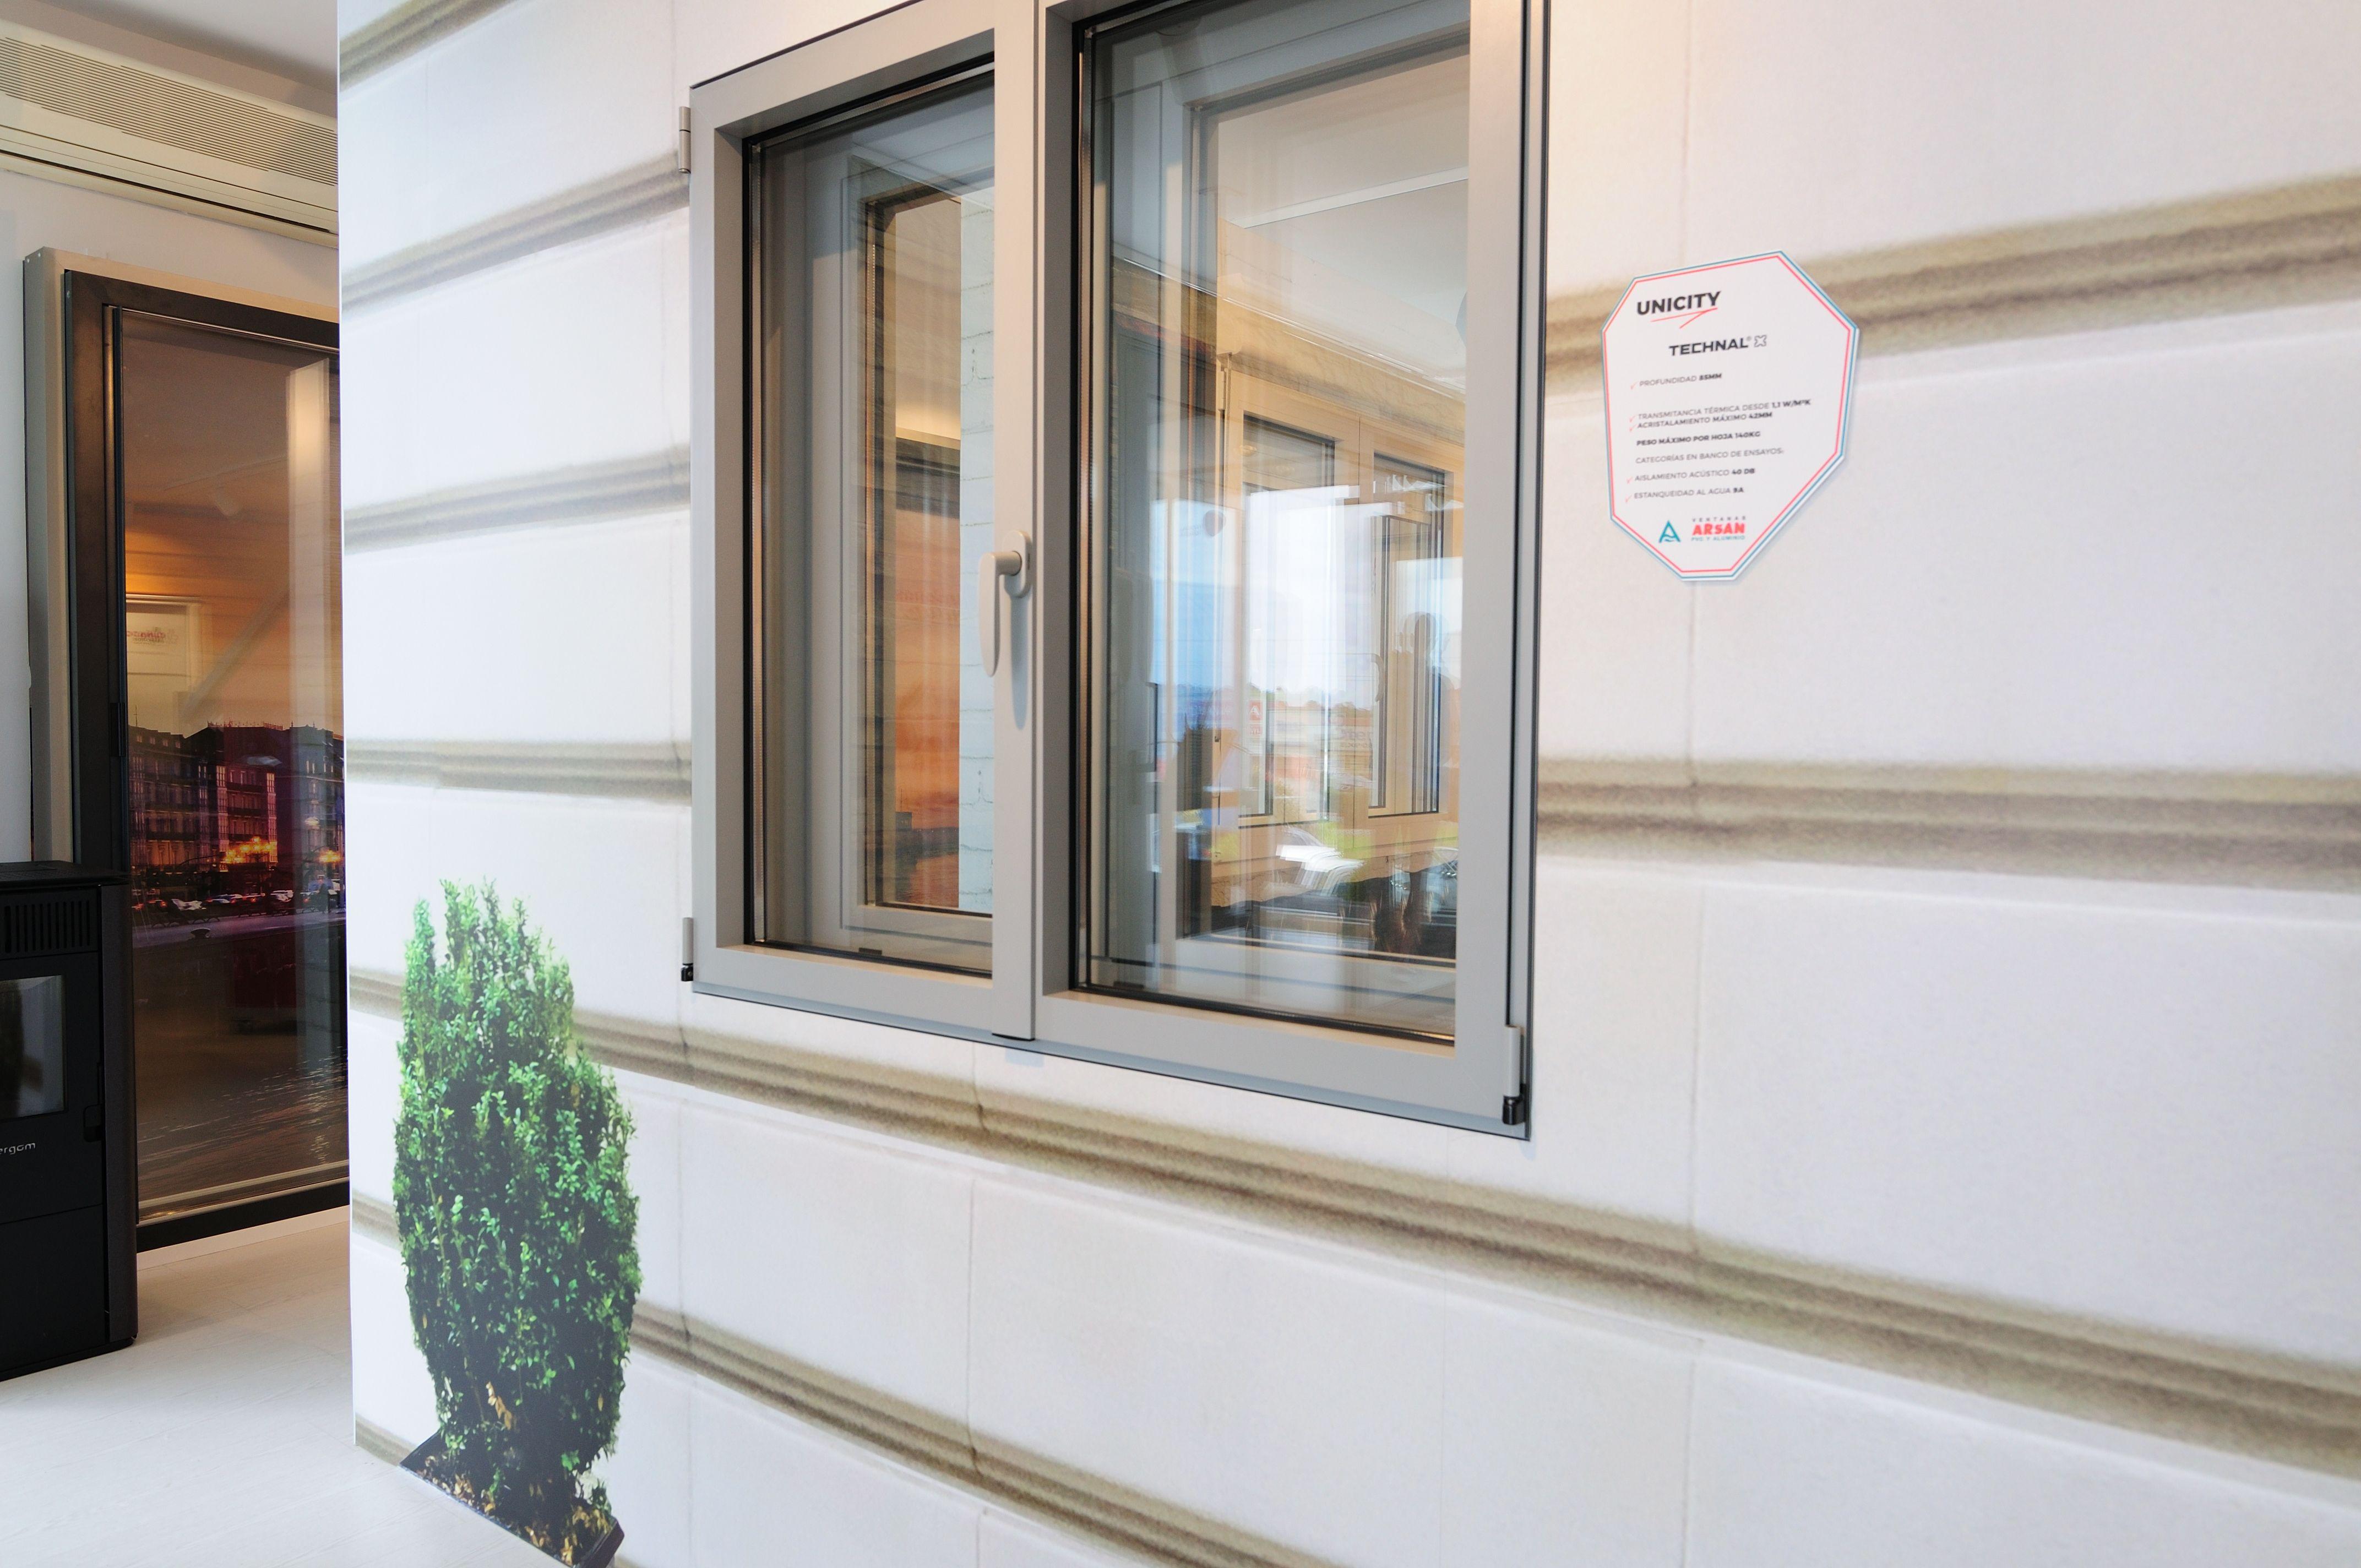 Somos especialistas en la fabricación, montaje y reparación de ventanas